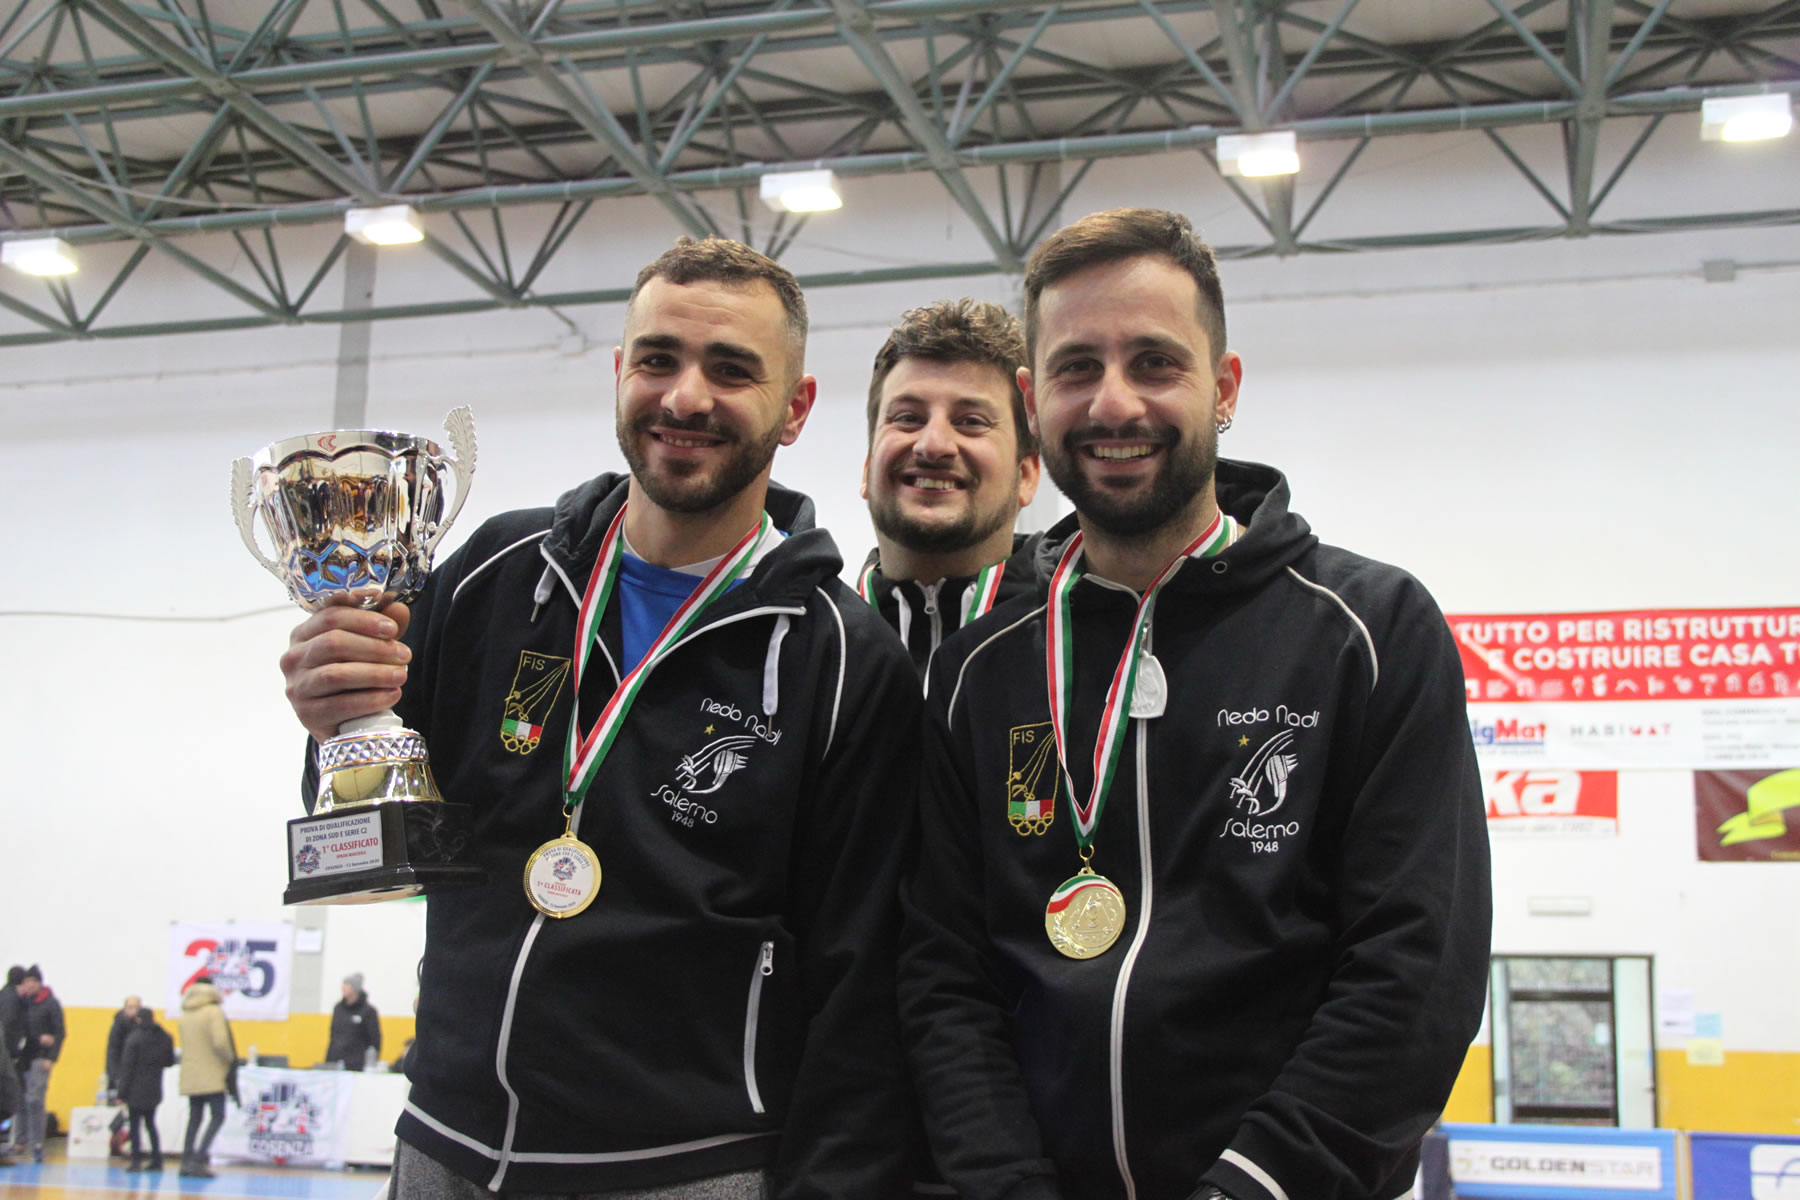 Prova Zona Sud 2020: Nedo Nadi Salerno, squadra campione di spada maschile